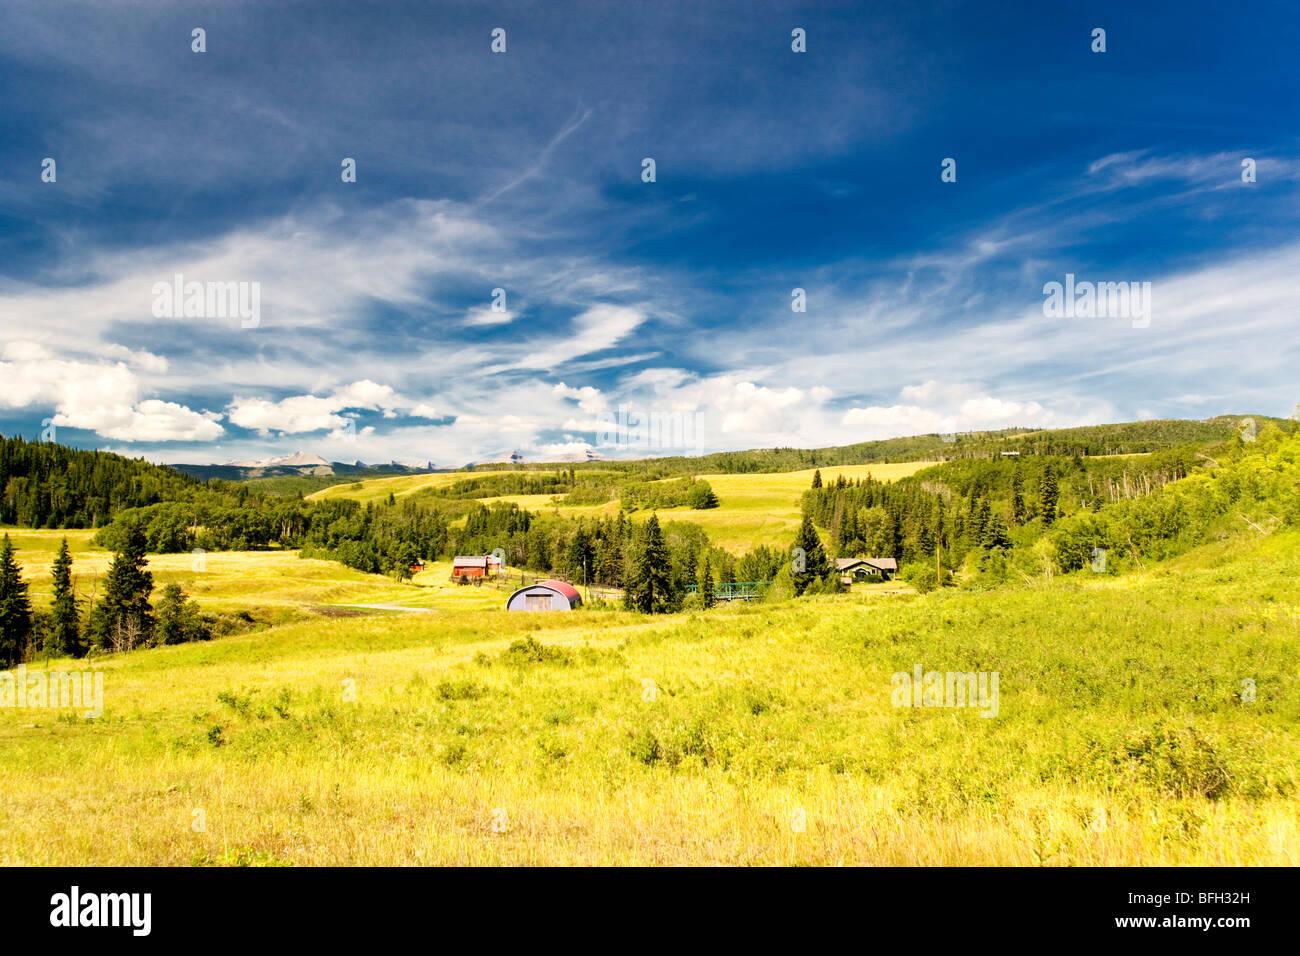 Longview, Alberta, Canada - Stock Image